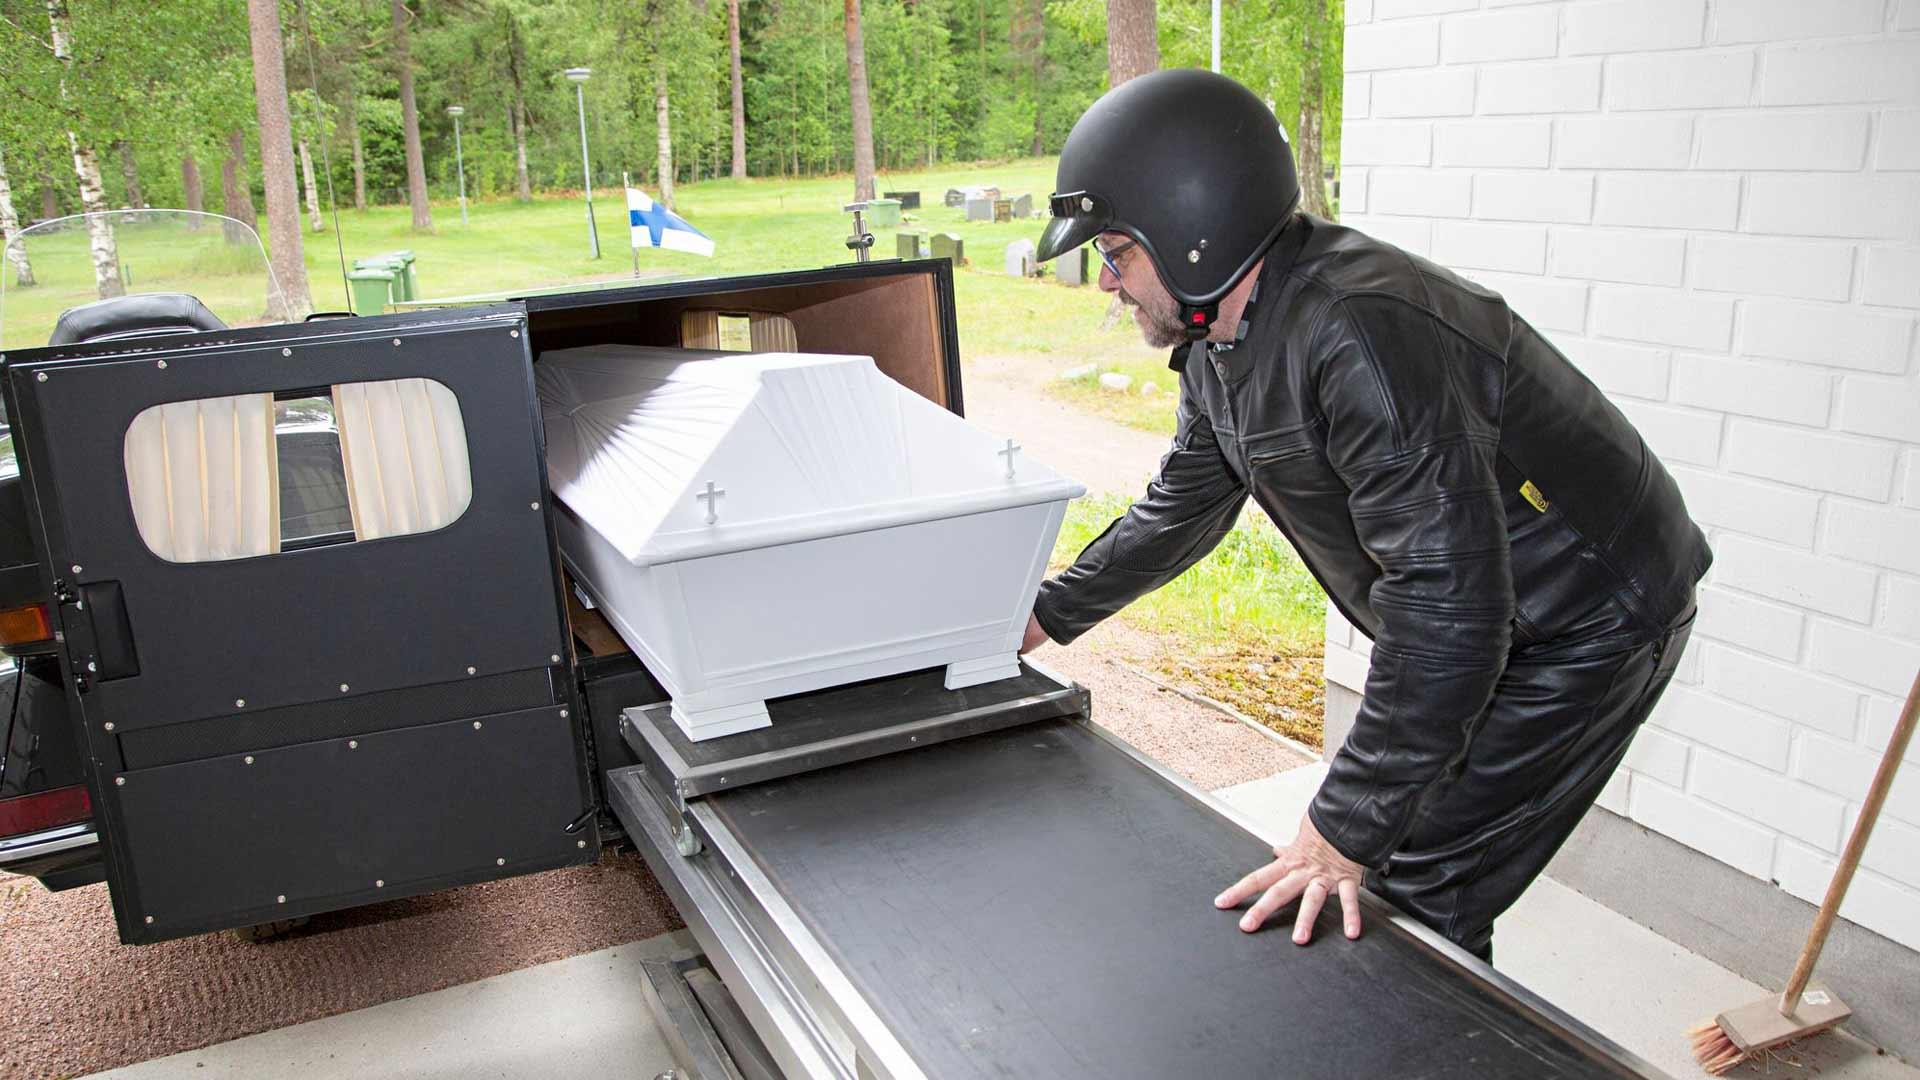 Ruumiinkuljettaja Vesa Suokas on rakentanut Honda-moottoripyörästään vainajan kuljetukseen sopivan kulkupelin.